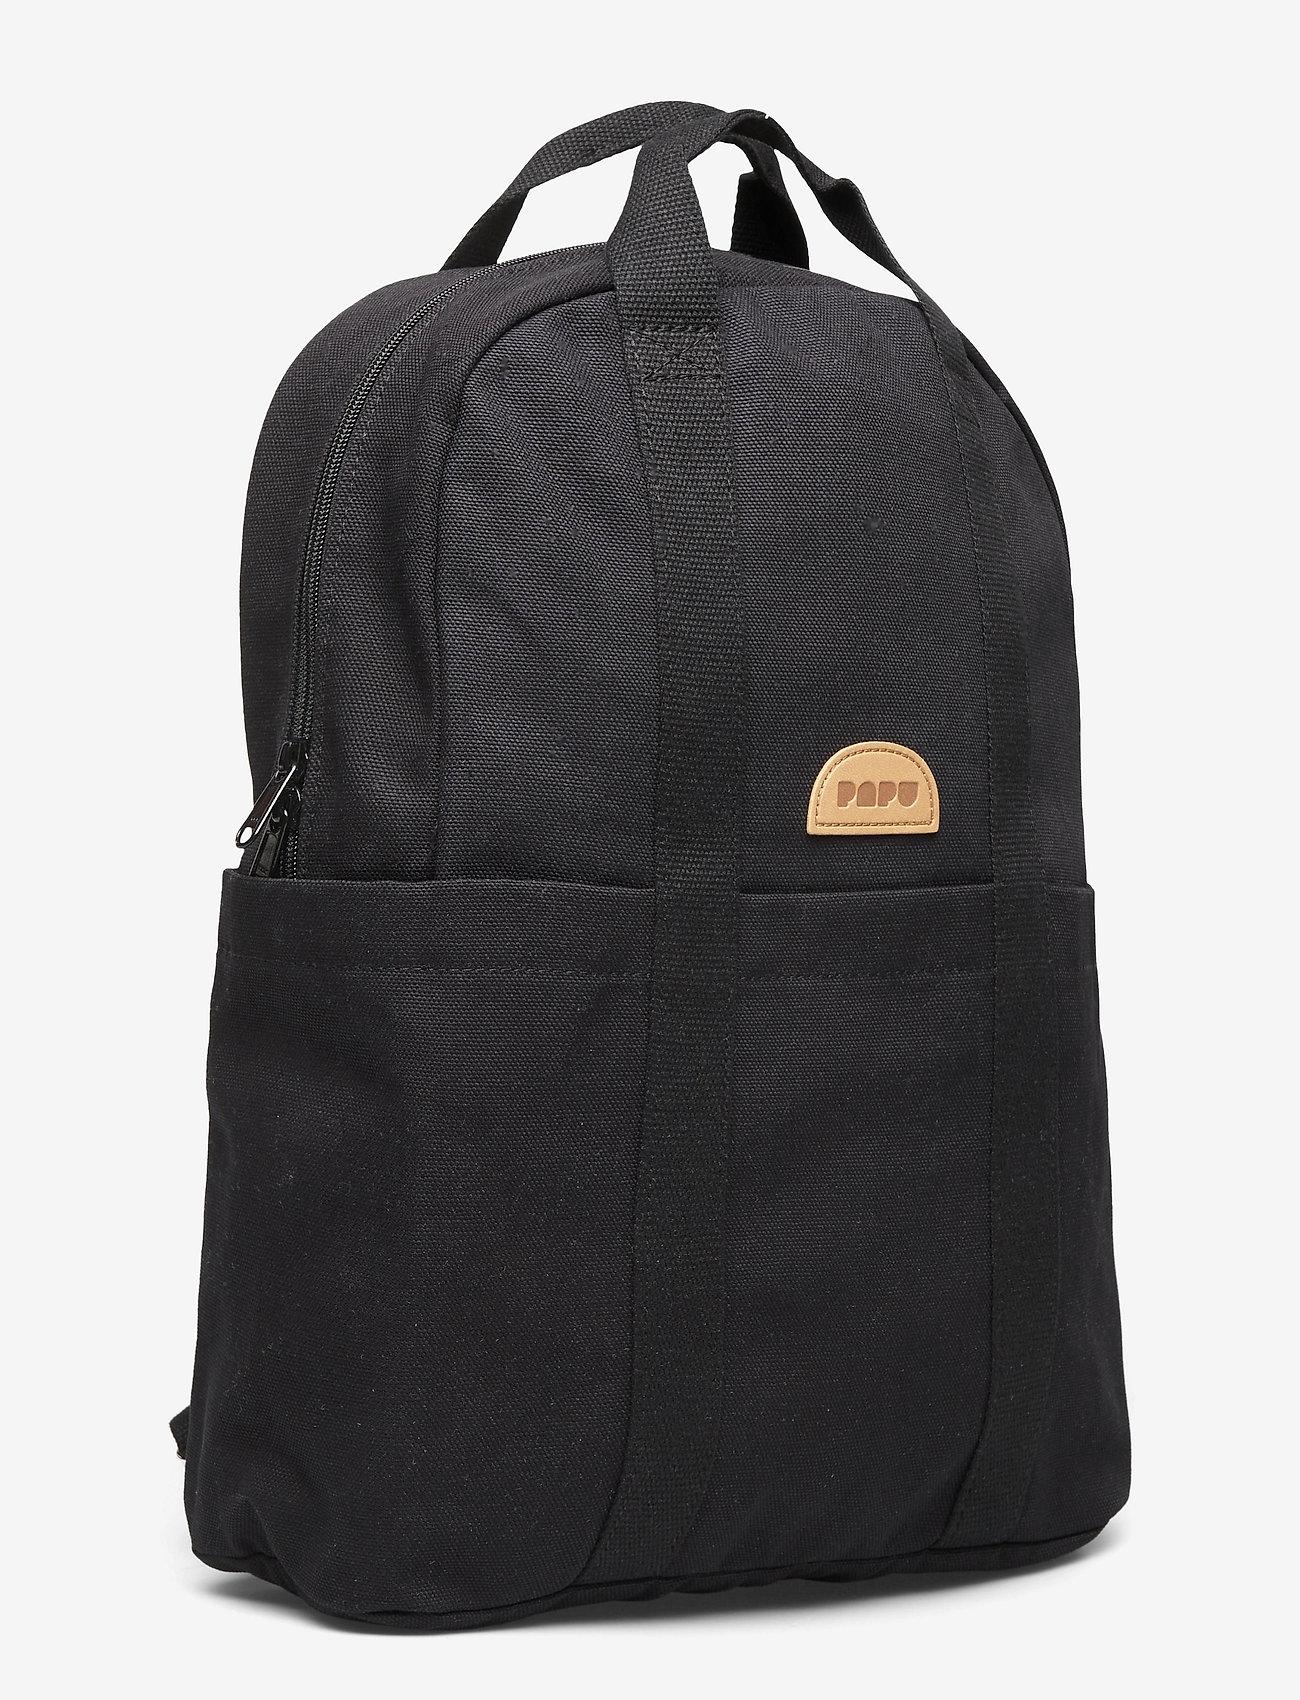 Papu - Backpack - bags - black - 2